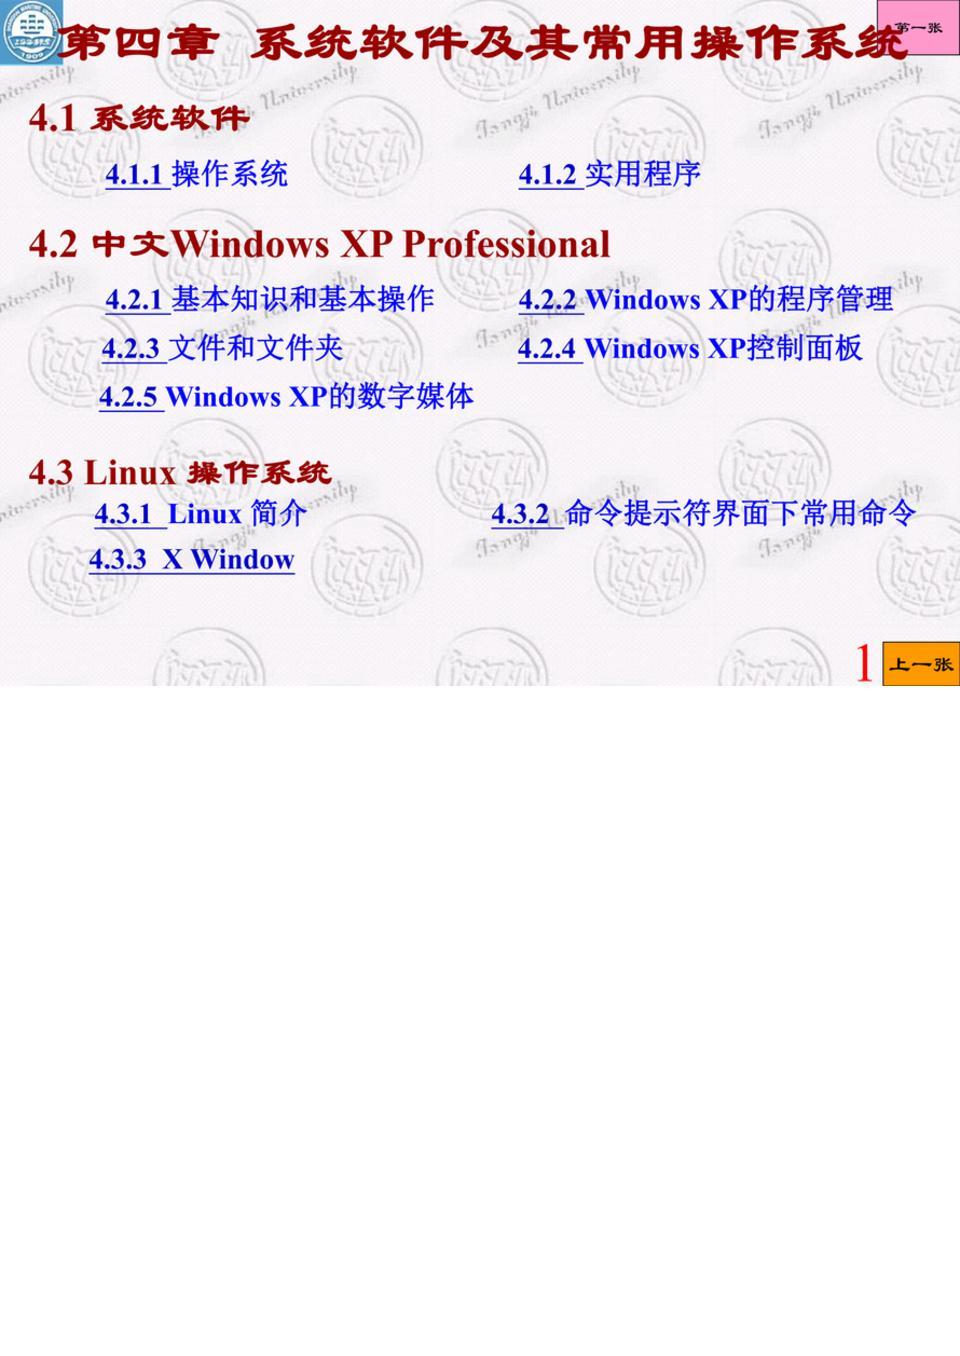 大学计算机基础 课件 同济大学出版社 4.ppt